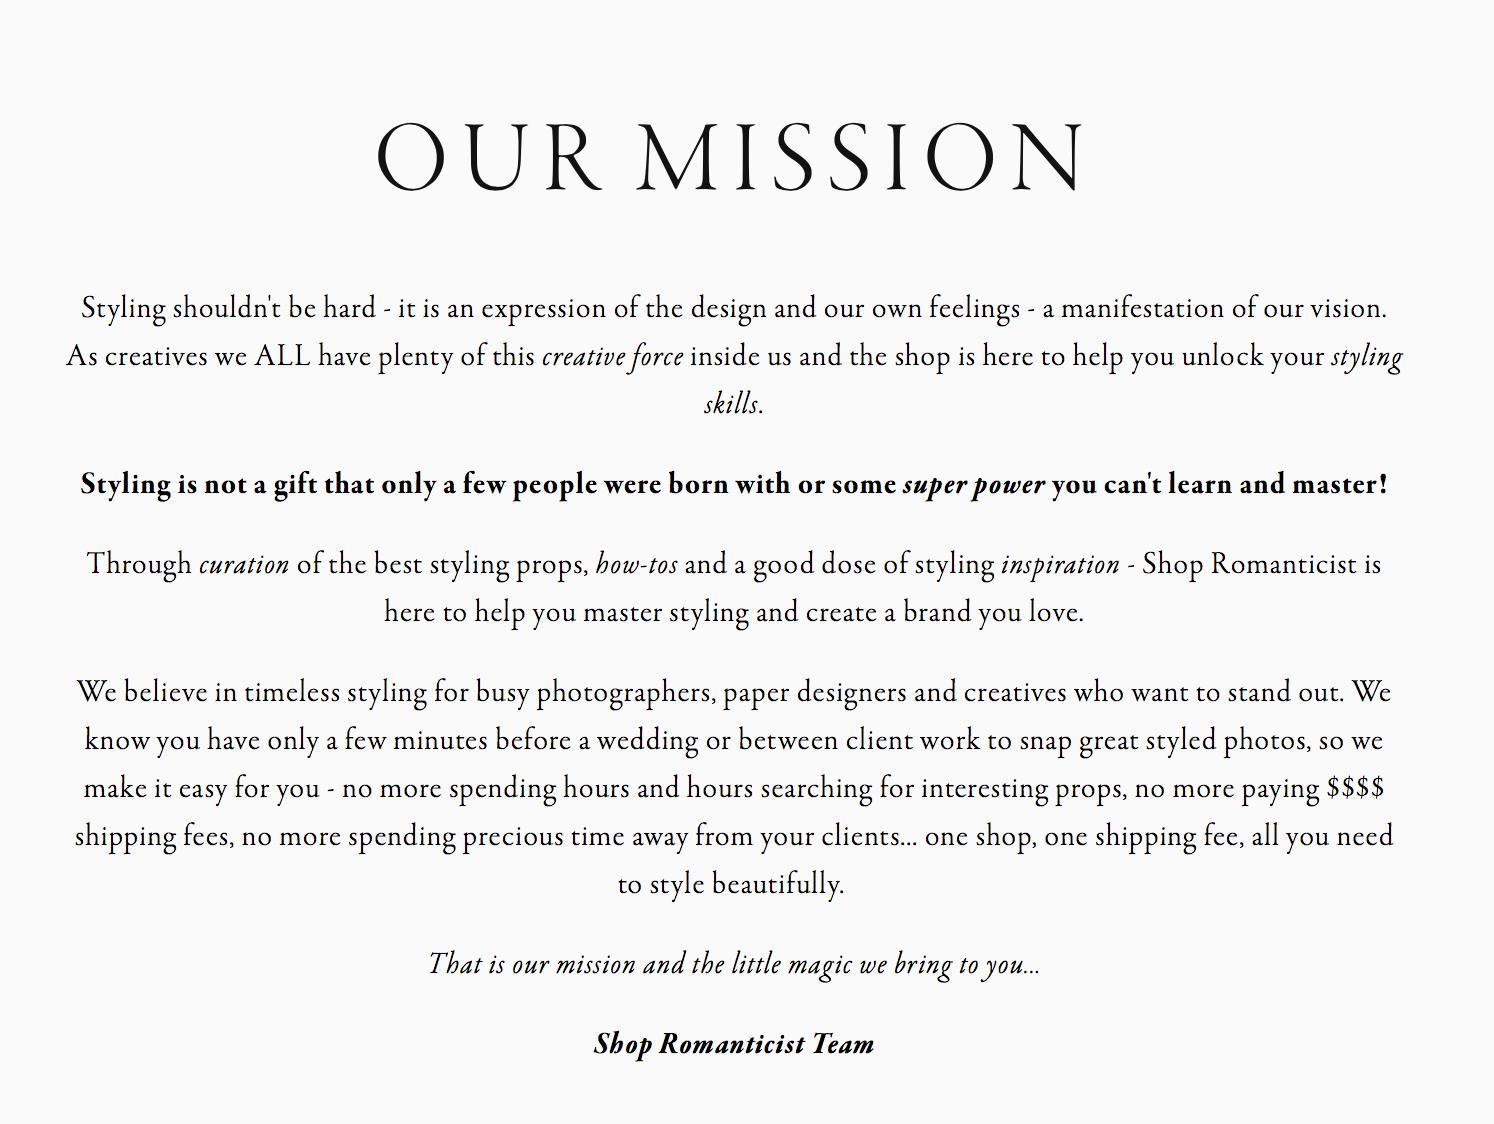 Mission for Shop Romanticist